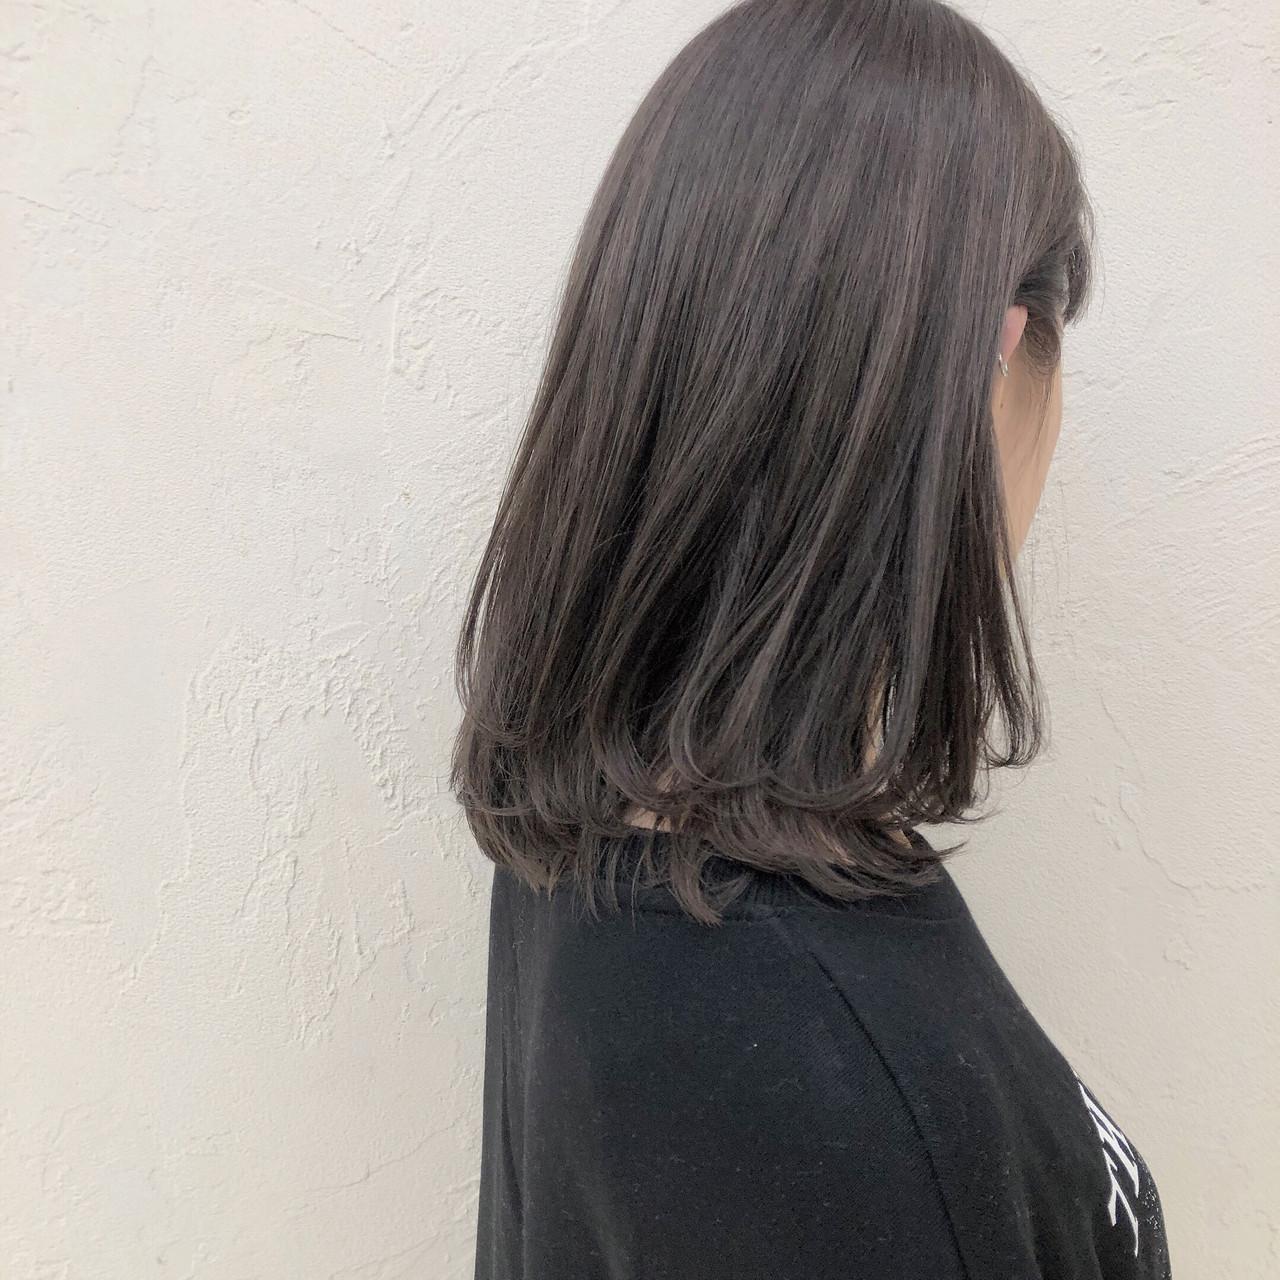 ブラウンベージュ ダブルカラー 透明感カラー ミディアムヘアスタイルや髪型の写真・画像